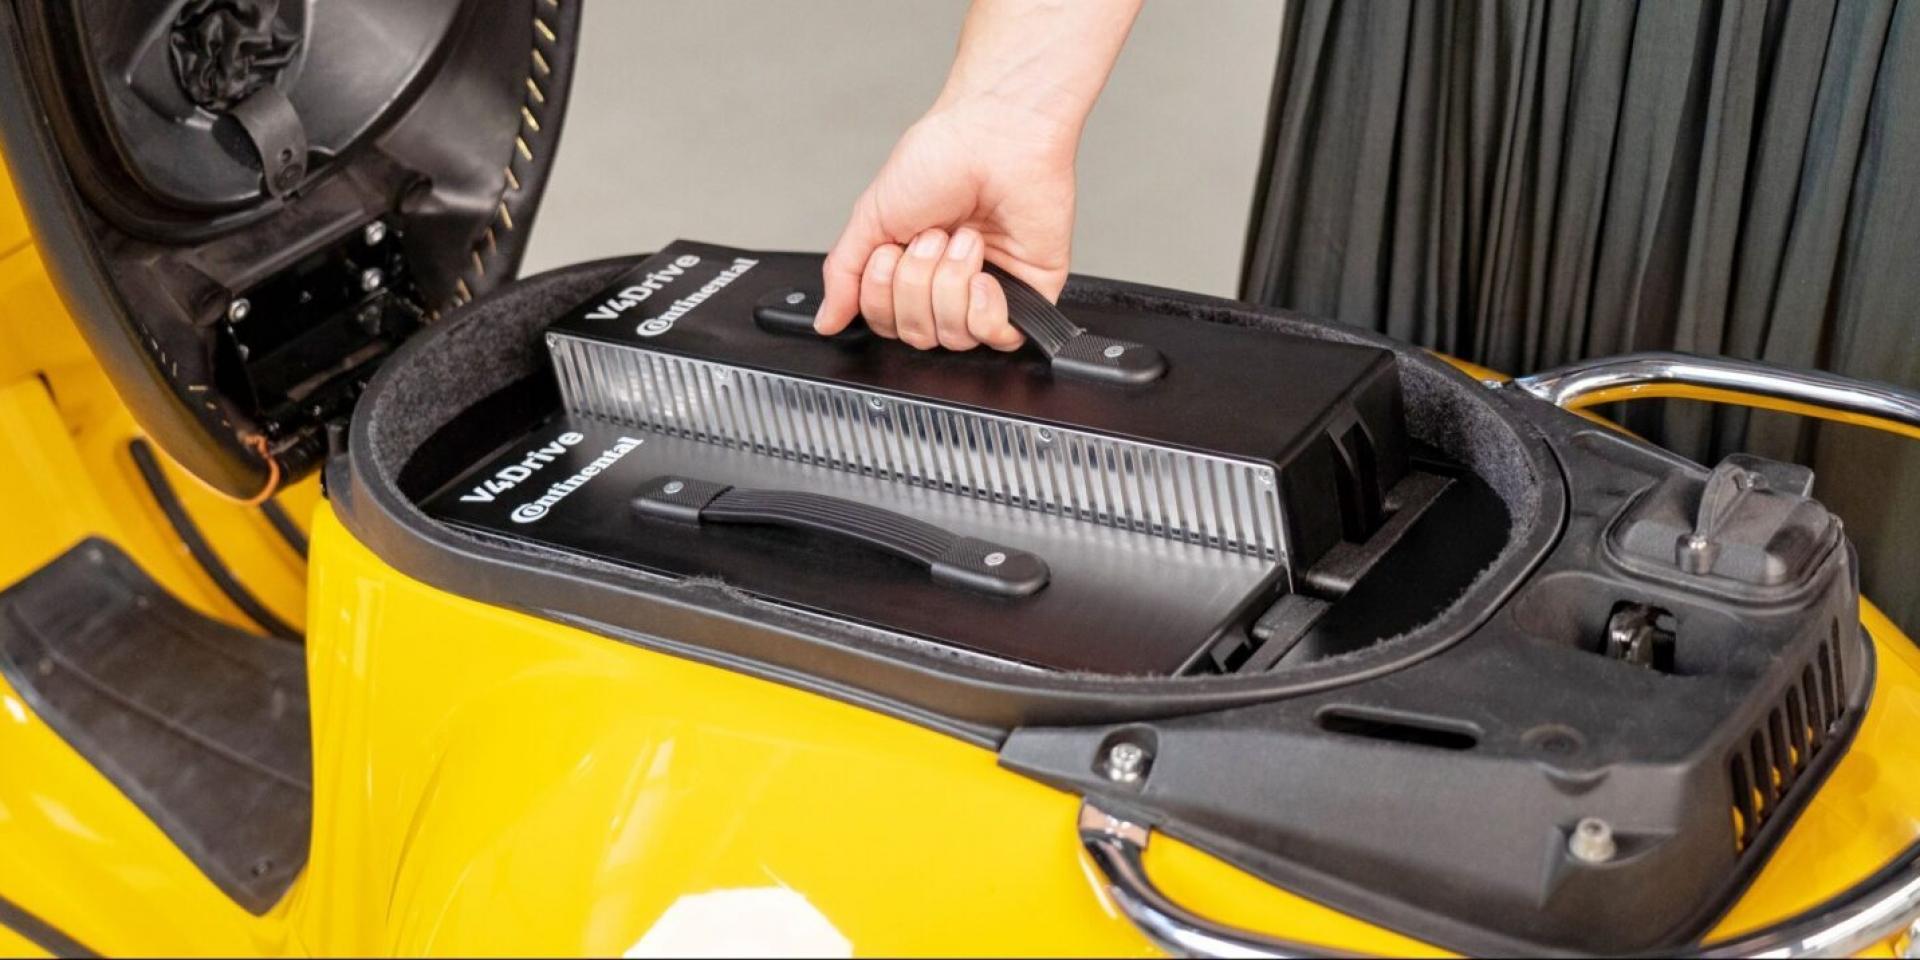 德國馬牌加入電動機車戰局!與Varta合作開發電池系統!